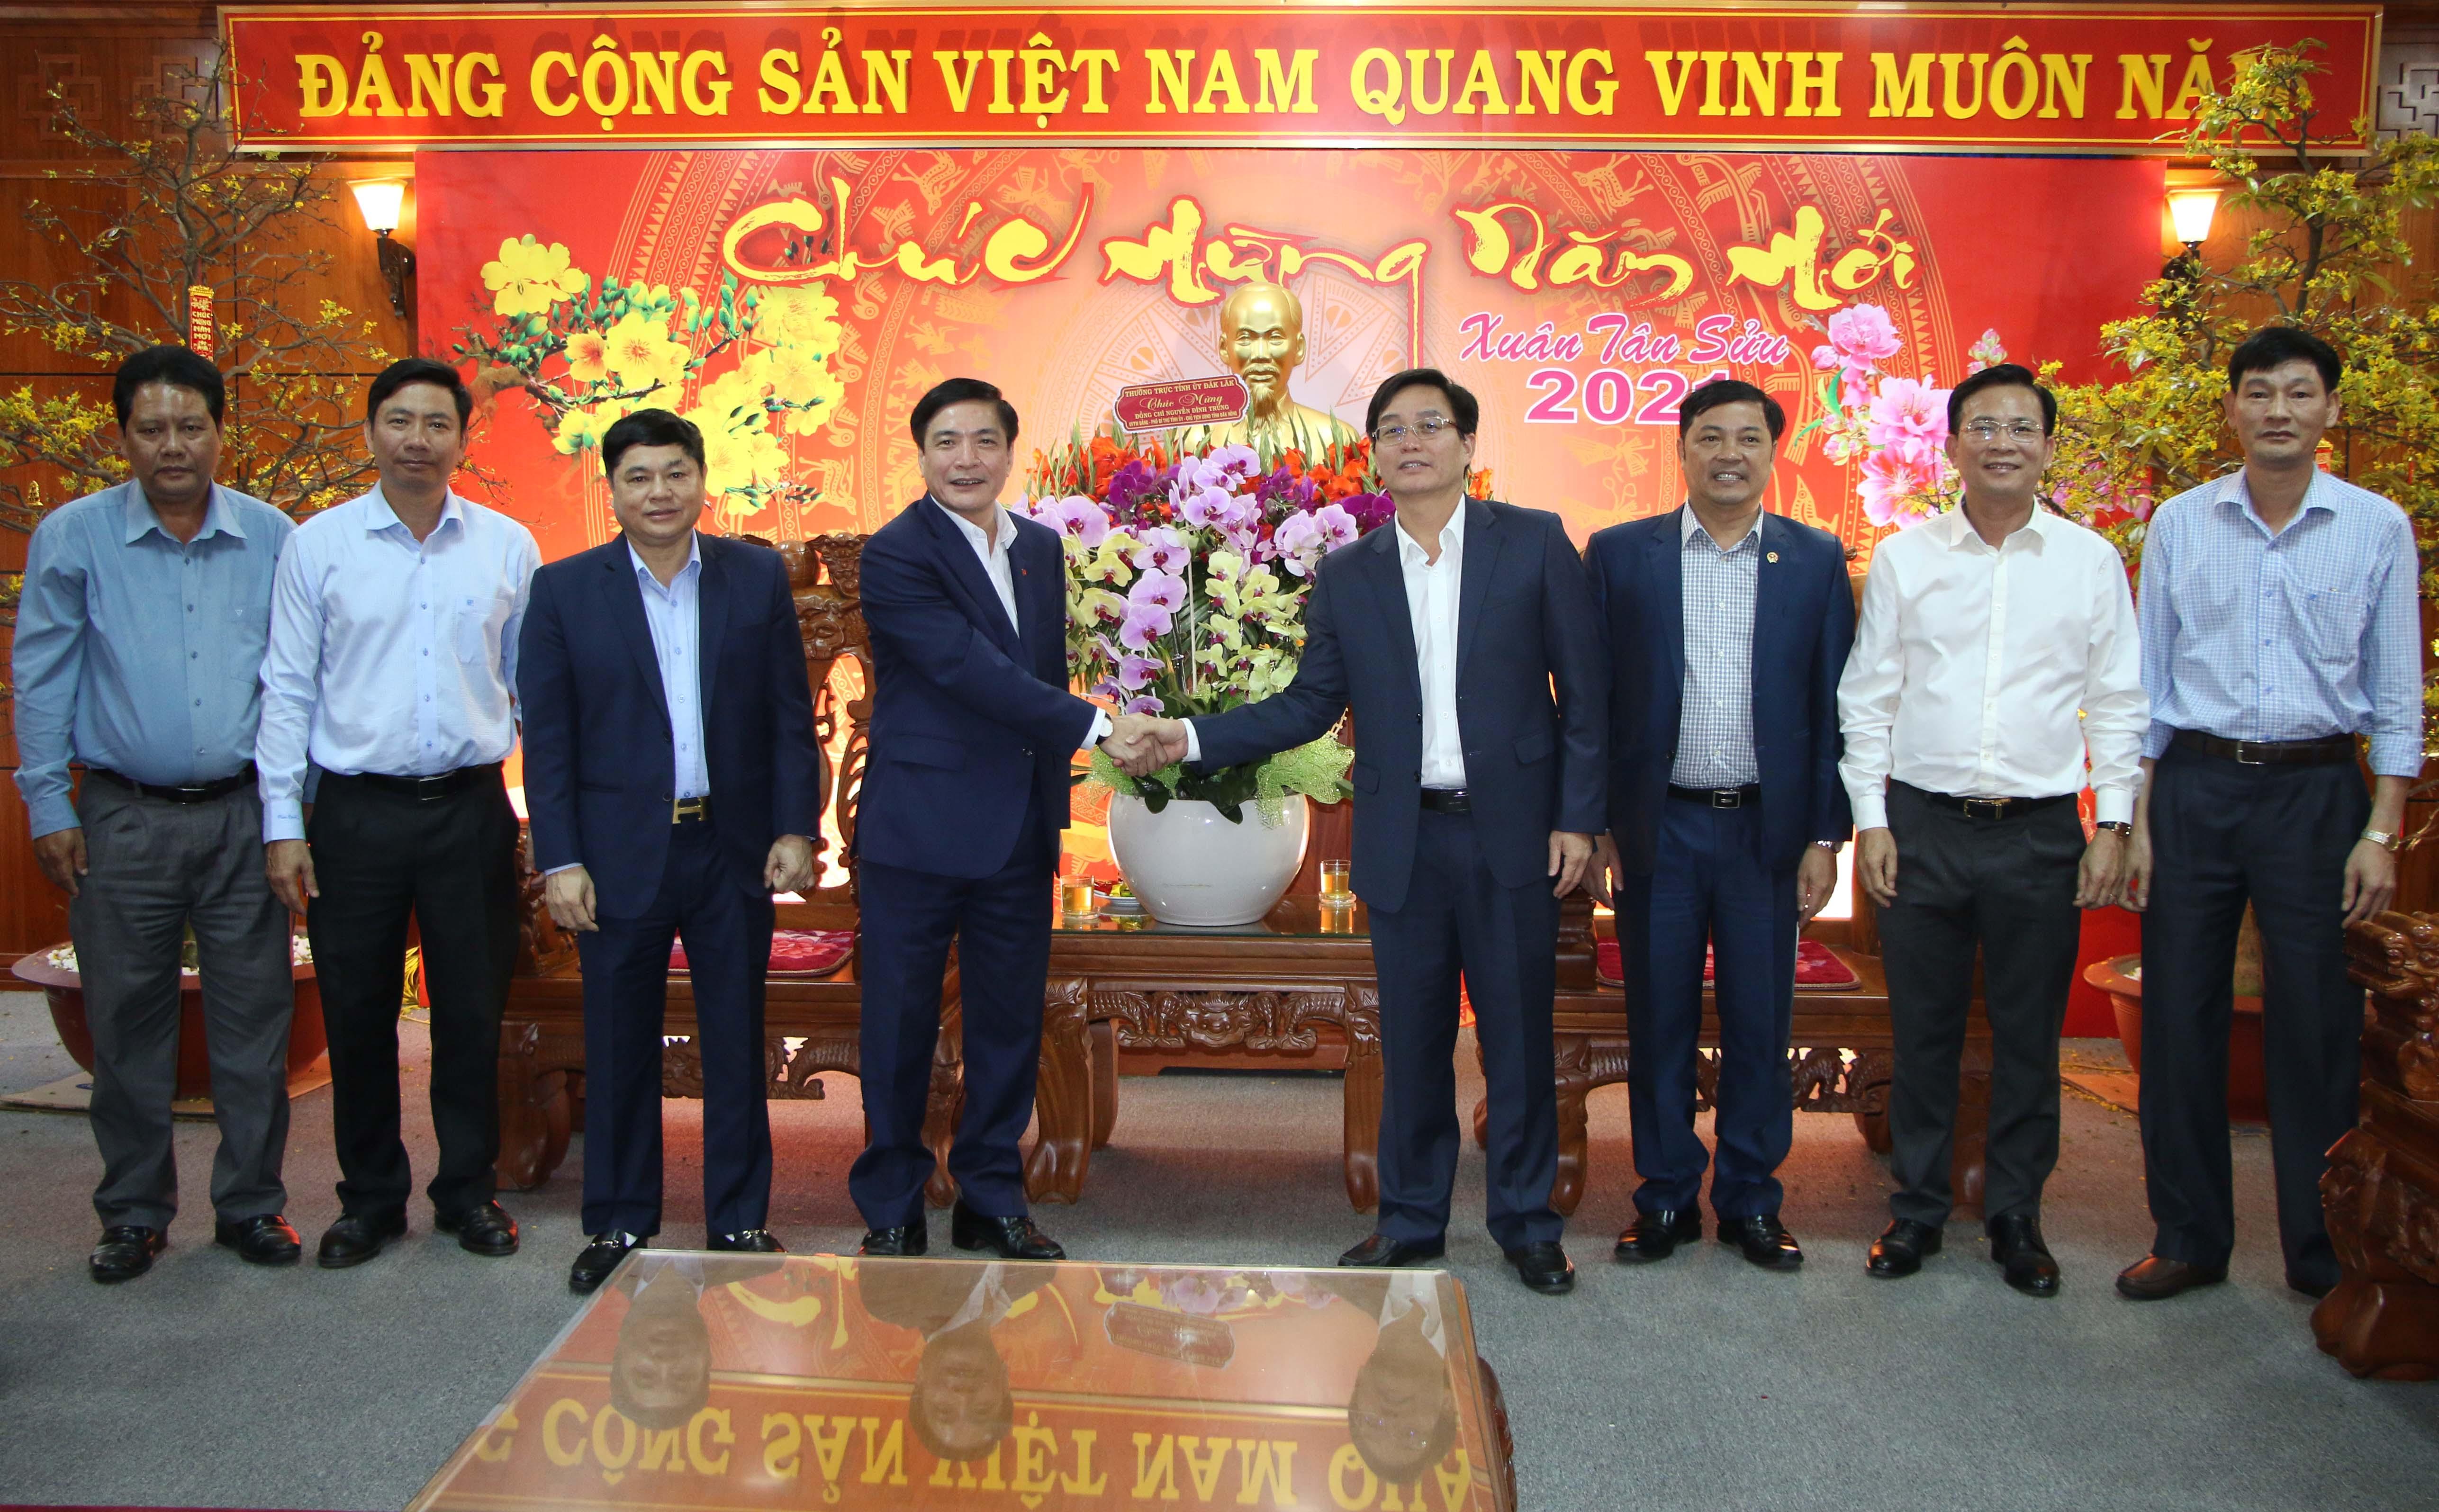 Đắk Lắk và Đắk Nông sẽ chú trọng phát triển giao thông, kết nối giao thương trong năm 2021